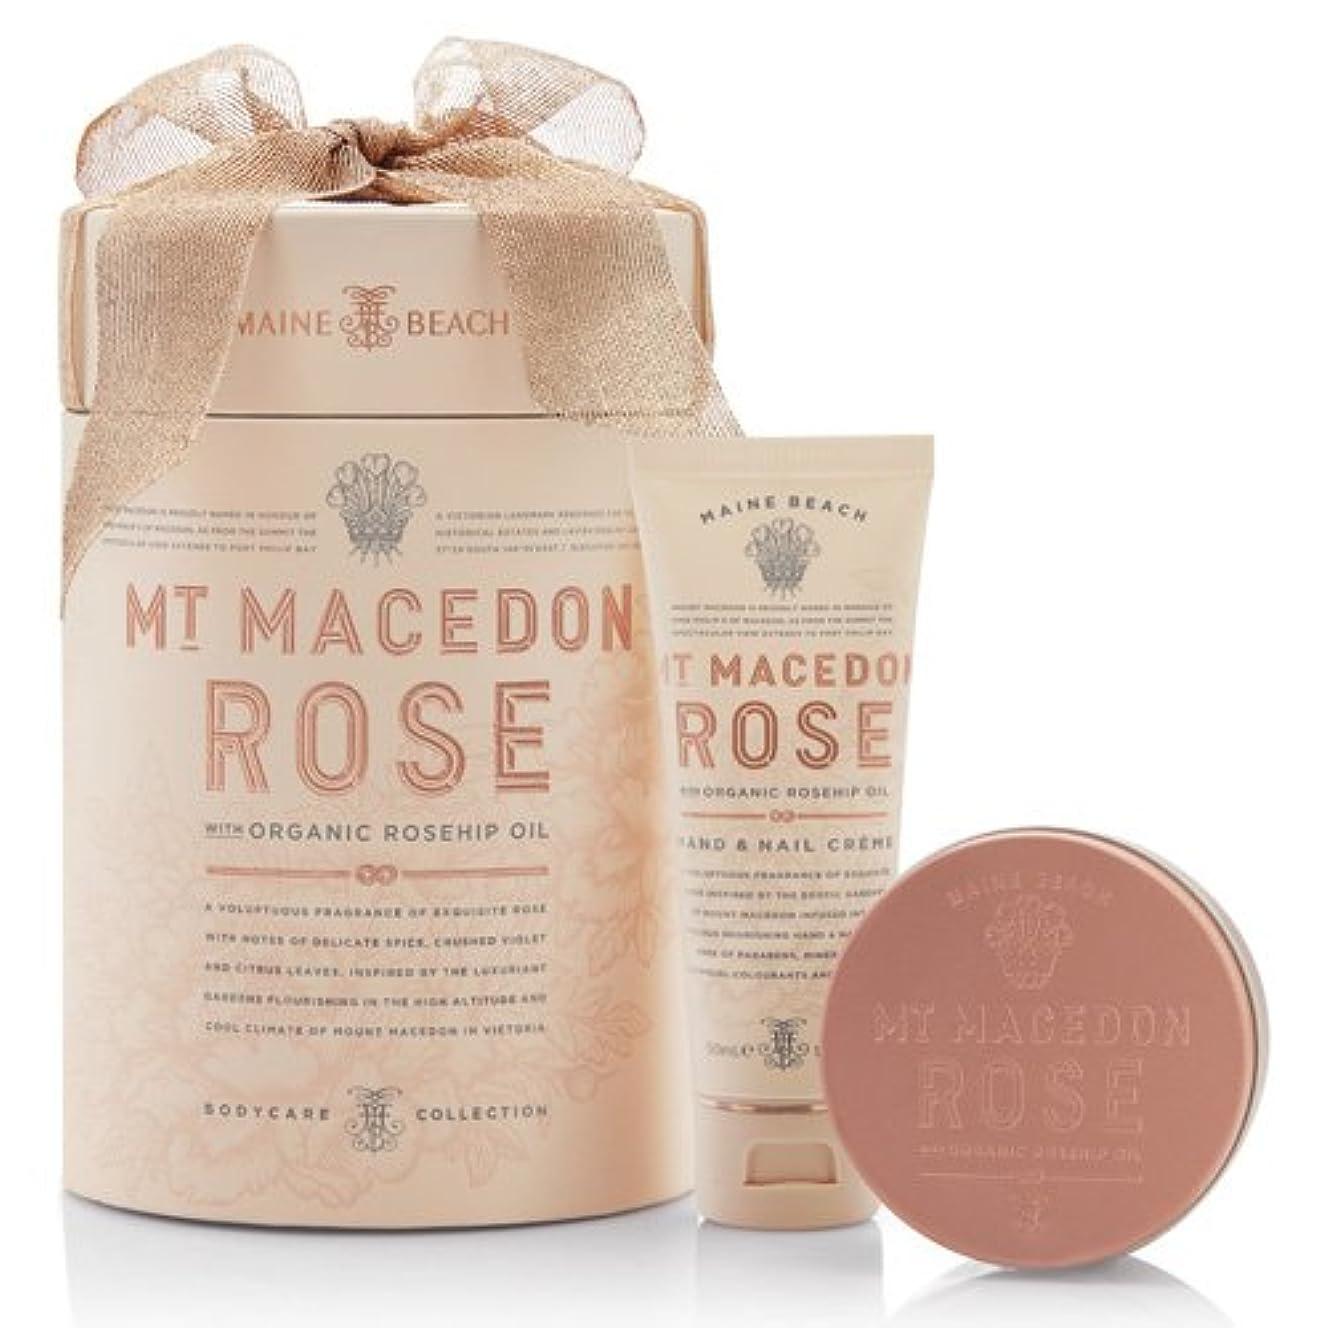 ほこり南可決MAINE BEACH マインビーチ MT MACEDON ROSE マウント マセドン ローズ Duo Gift Pack